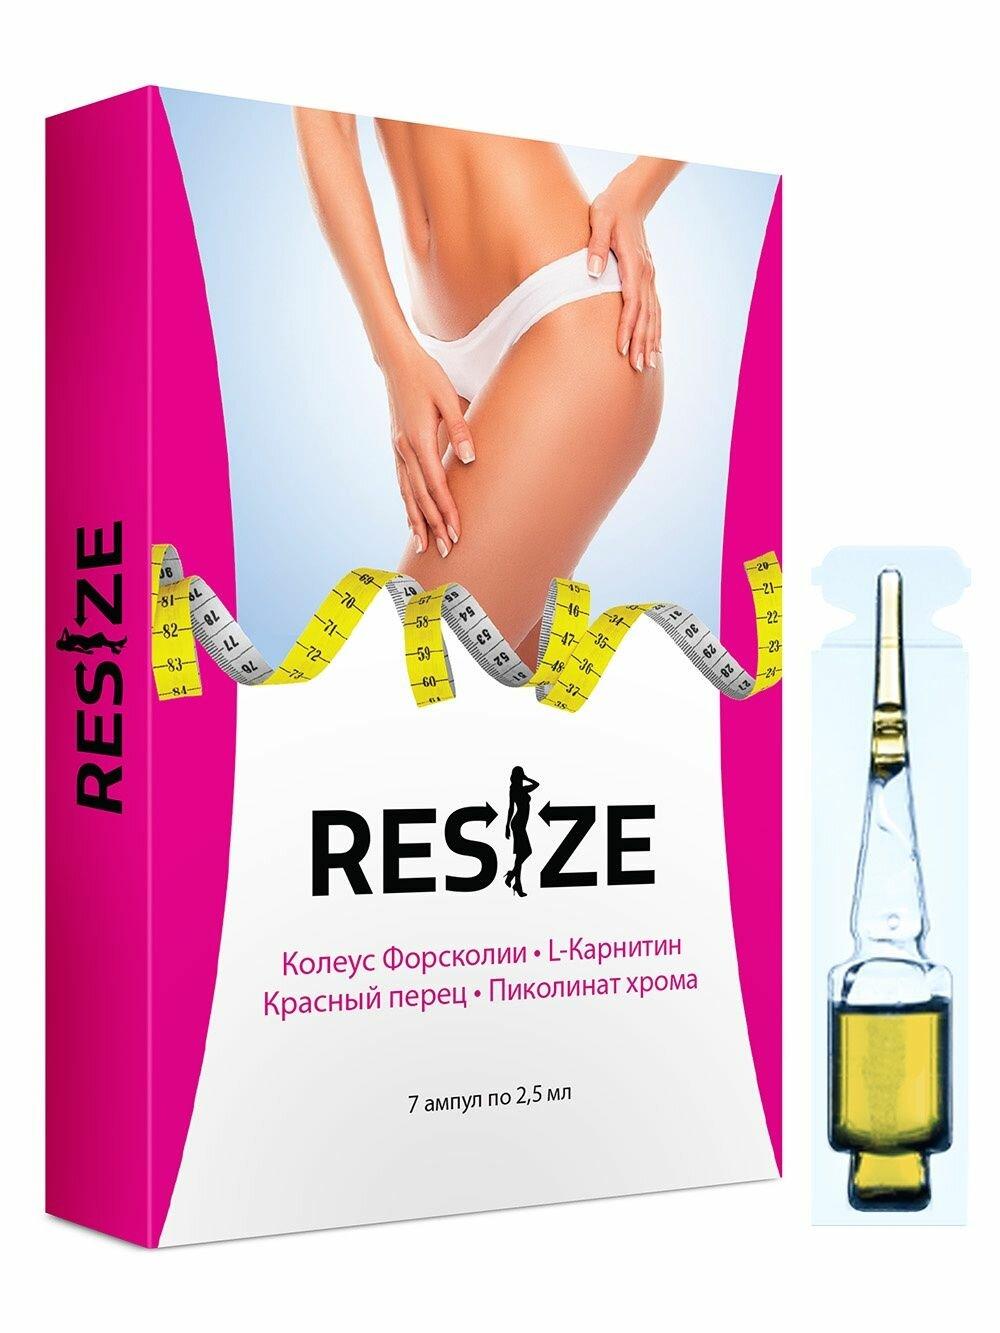 RESIZE для похудения в Донецке